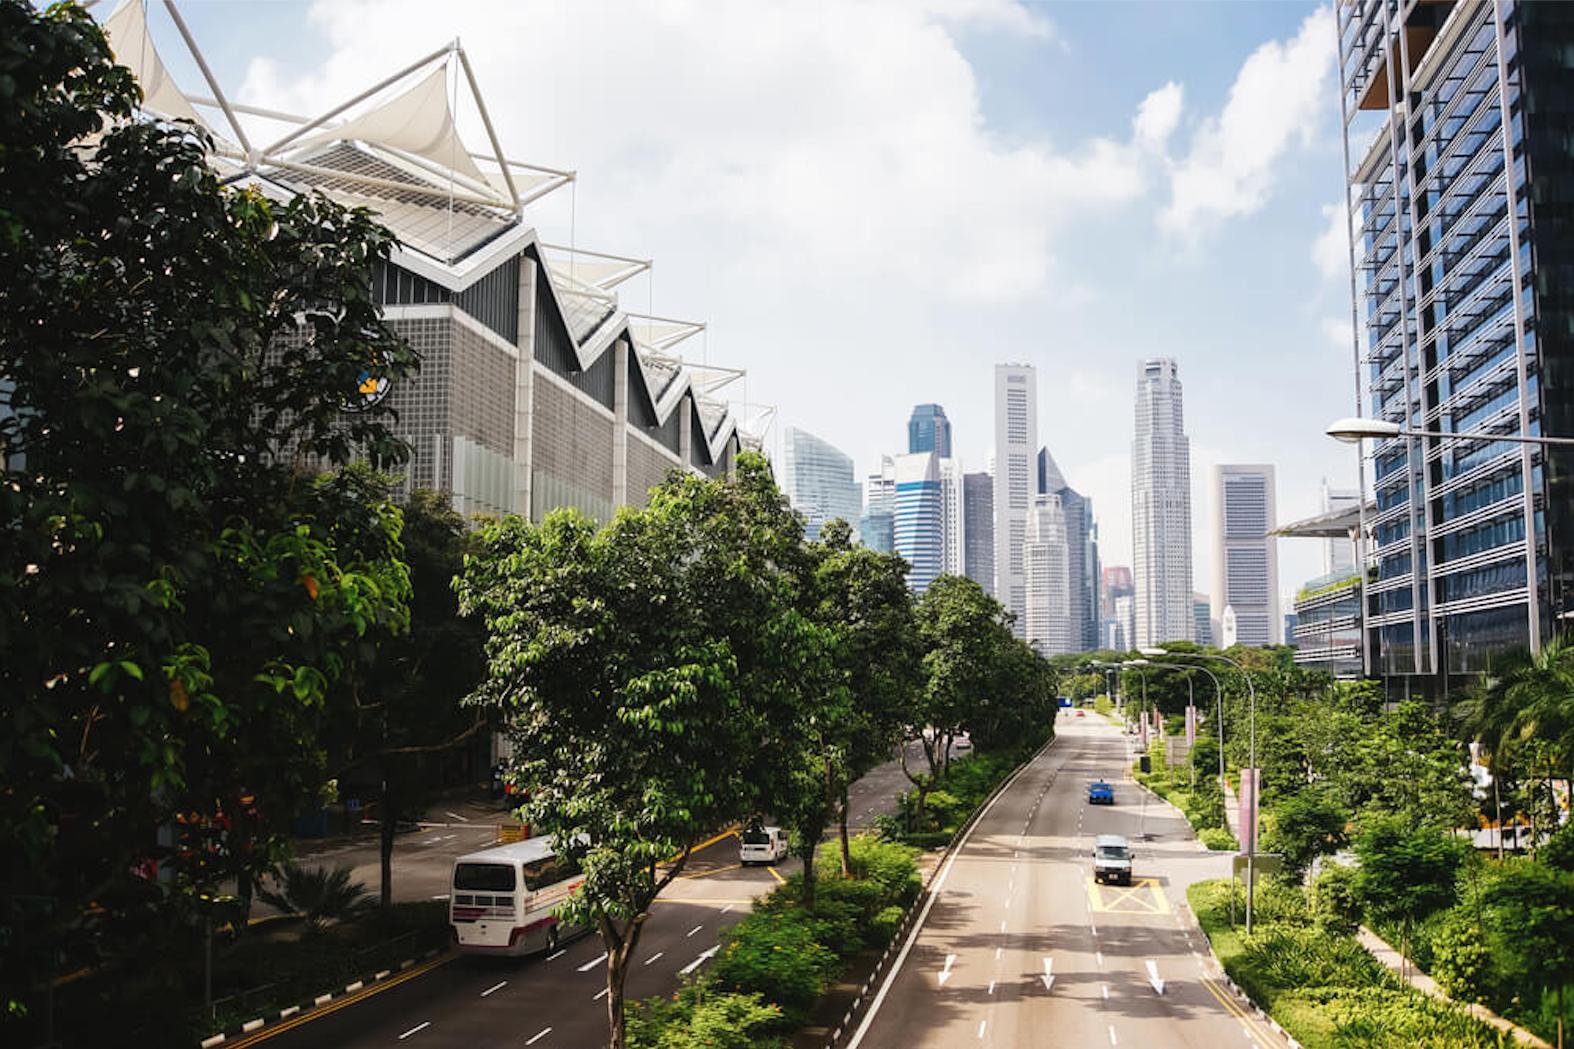 PROYECTOS DE I+D – PROGRAMA HAZITEK. ENVIROTRAFFIC: Sistema Inteligente de gestión urbana de la calidad del aire y el ruido ambiental